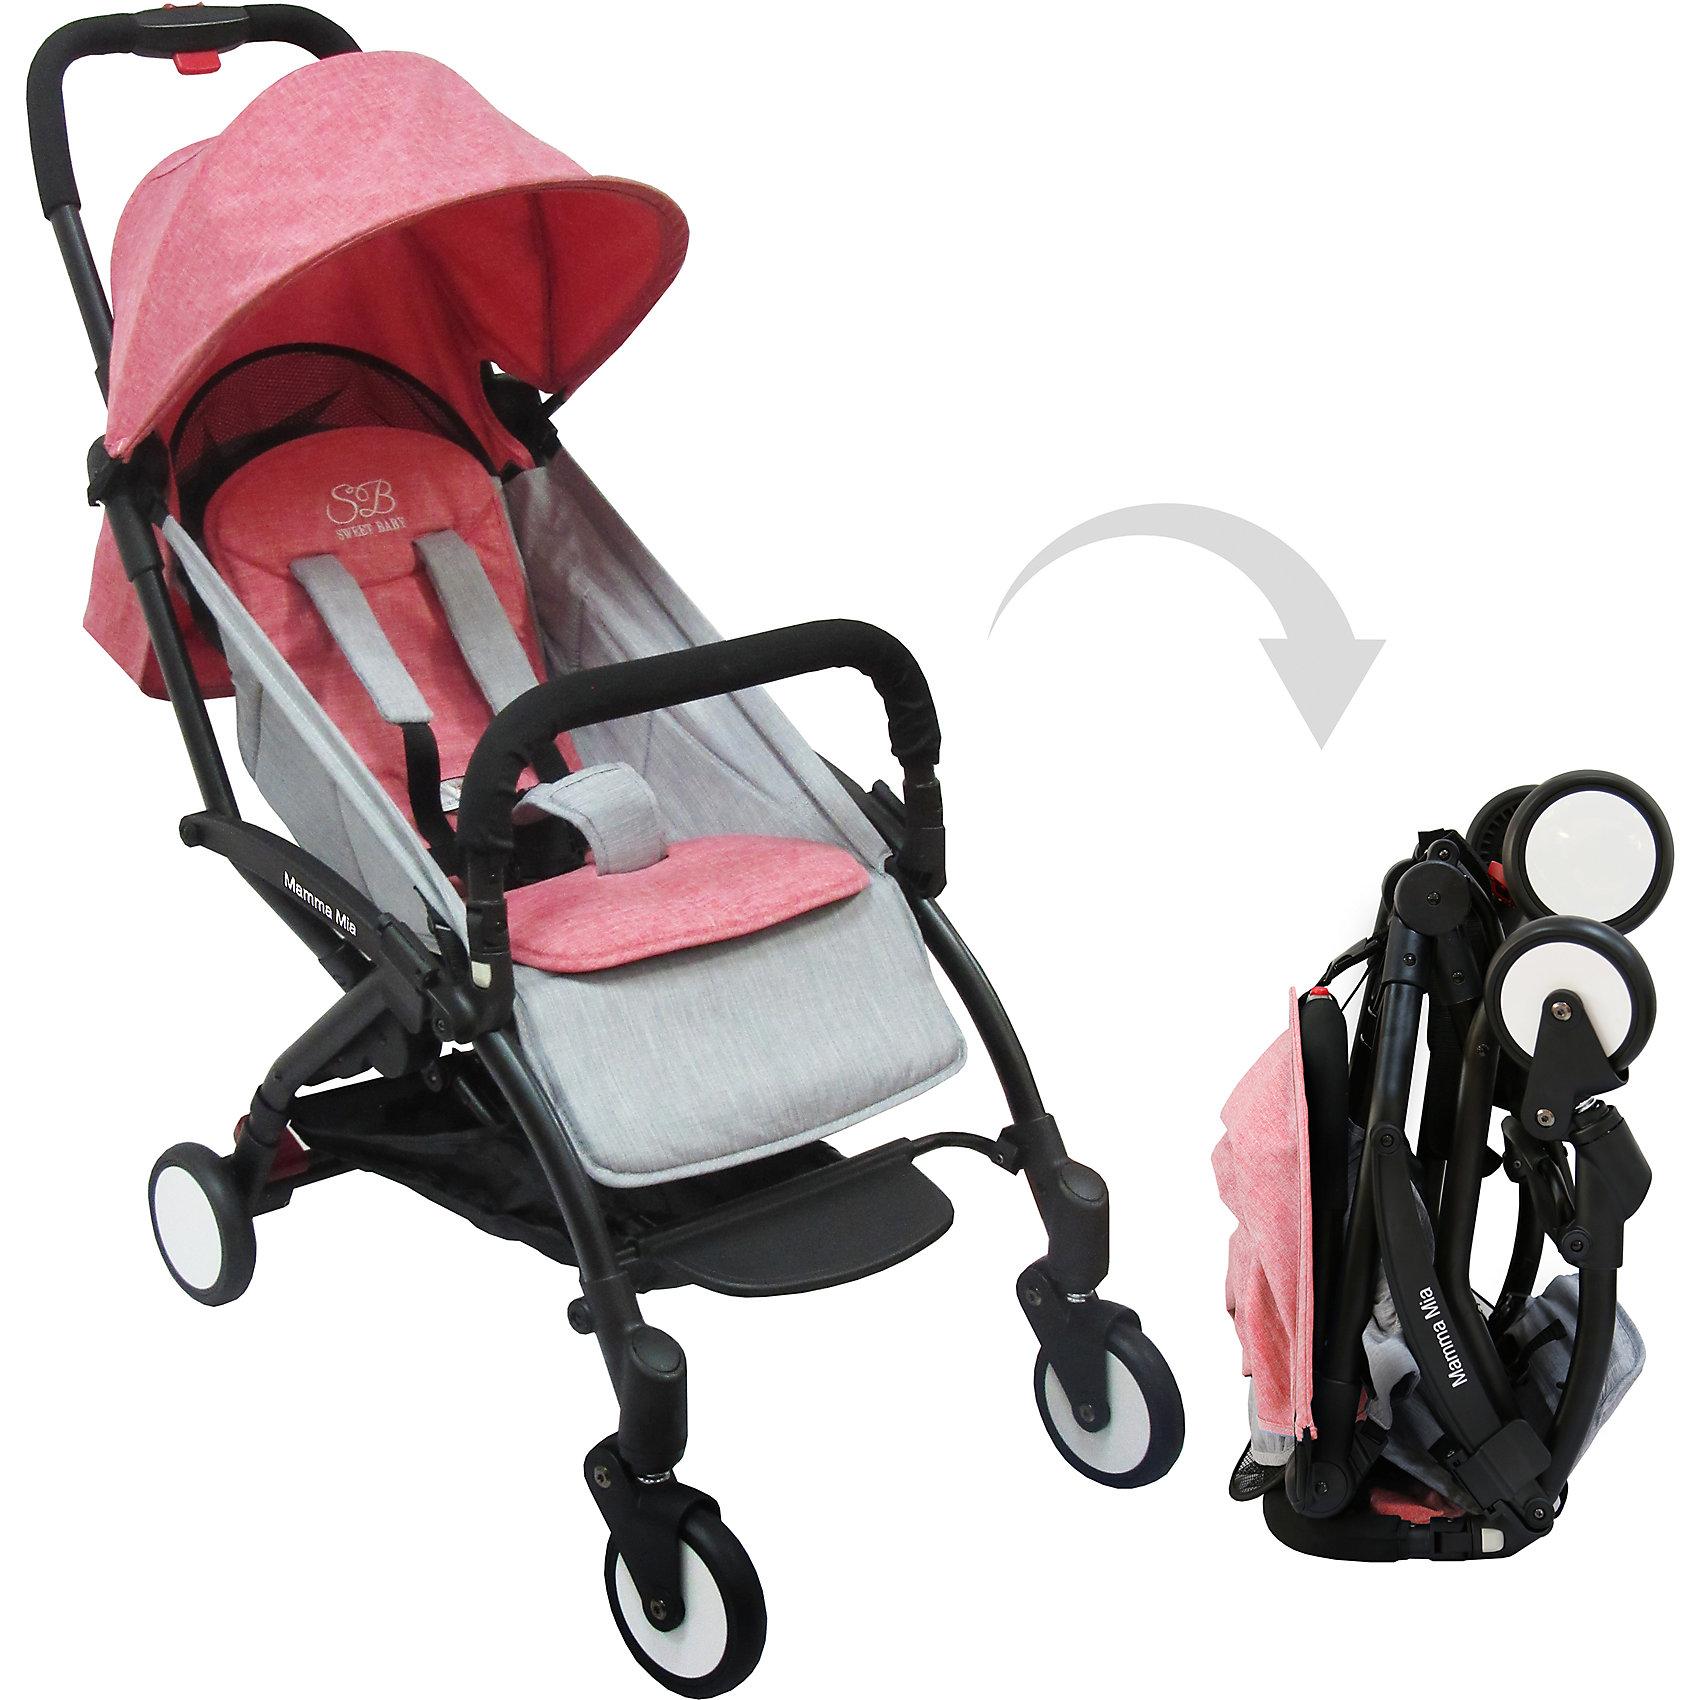 Прогулочная коляска Sweet Baby Mamma Mia Linen Milos, розоваяПрогулочные коляски<br>Характеристики товара:<br><br>• цвет: Linen Milos, розовый<br>• алюминиевая рама.<br>• регулируемая ремешком спинка коляски, угол наклона 165 градусов<br>• на сиденье со спинкой находится съемный матрасик с прорезями для ремней<br>• защитный съемный бампер перед ребенком<br>• пластиковая подножка для подросшего ребенка<br>• капюшон со смотровым окошком<br>• цельная ручка коляски с накладкой<br>• полиуретановые колеса<br>• передние поворотные (без блокировки)<br>• пружинная амортизация на передних колесах<br>• тип тормоза: ножной, на одном из задних колес<br>• механизм складывания: книжка<br>• коляска складывается одной рукой вместе с прогулочным блоком<br>• имеется ремень для переноски коляски на плече<br><br>Размер коляски: 67х45х103 см<br>Размер коляски в сложенном виде: 20х43х57 см<br>Вес коляски: 5,8 кг<br>Размер упаковки: 95х46х97 см<br>Вес в упаковке: 7,7 кг<br><br>Прогулочная коляска Mamma Mia бренда Sweet Baby имеет небольшой вес и компактный размер, что идеально для родителей, путешествующих с ребенком. В сложенном виде она очень компактна и без труда влезет в багажник или на полку самолета.<br><br>Прогулочную коляску Mamma Mia Linen Milos, Sweet Baby, розовую можно купить в нашем интернет-магазине.<br><br>Ширина мм: 950<br>Глубина мм: 460<br>Высота мм: 970<br>Вес г: 7770<br>Возраст от месяцев: 0<br>Возраст до месяцев: 36<br>Пол: Унисекс<br>Возраст: Детский<br>SKU: 5614395